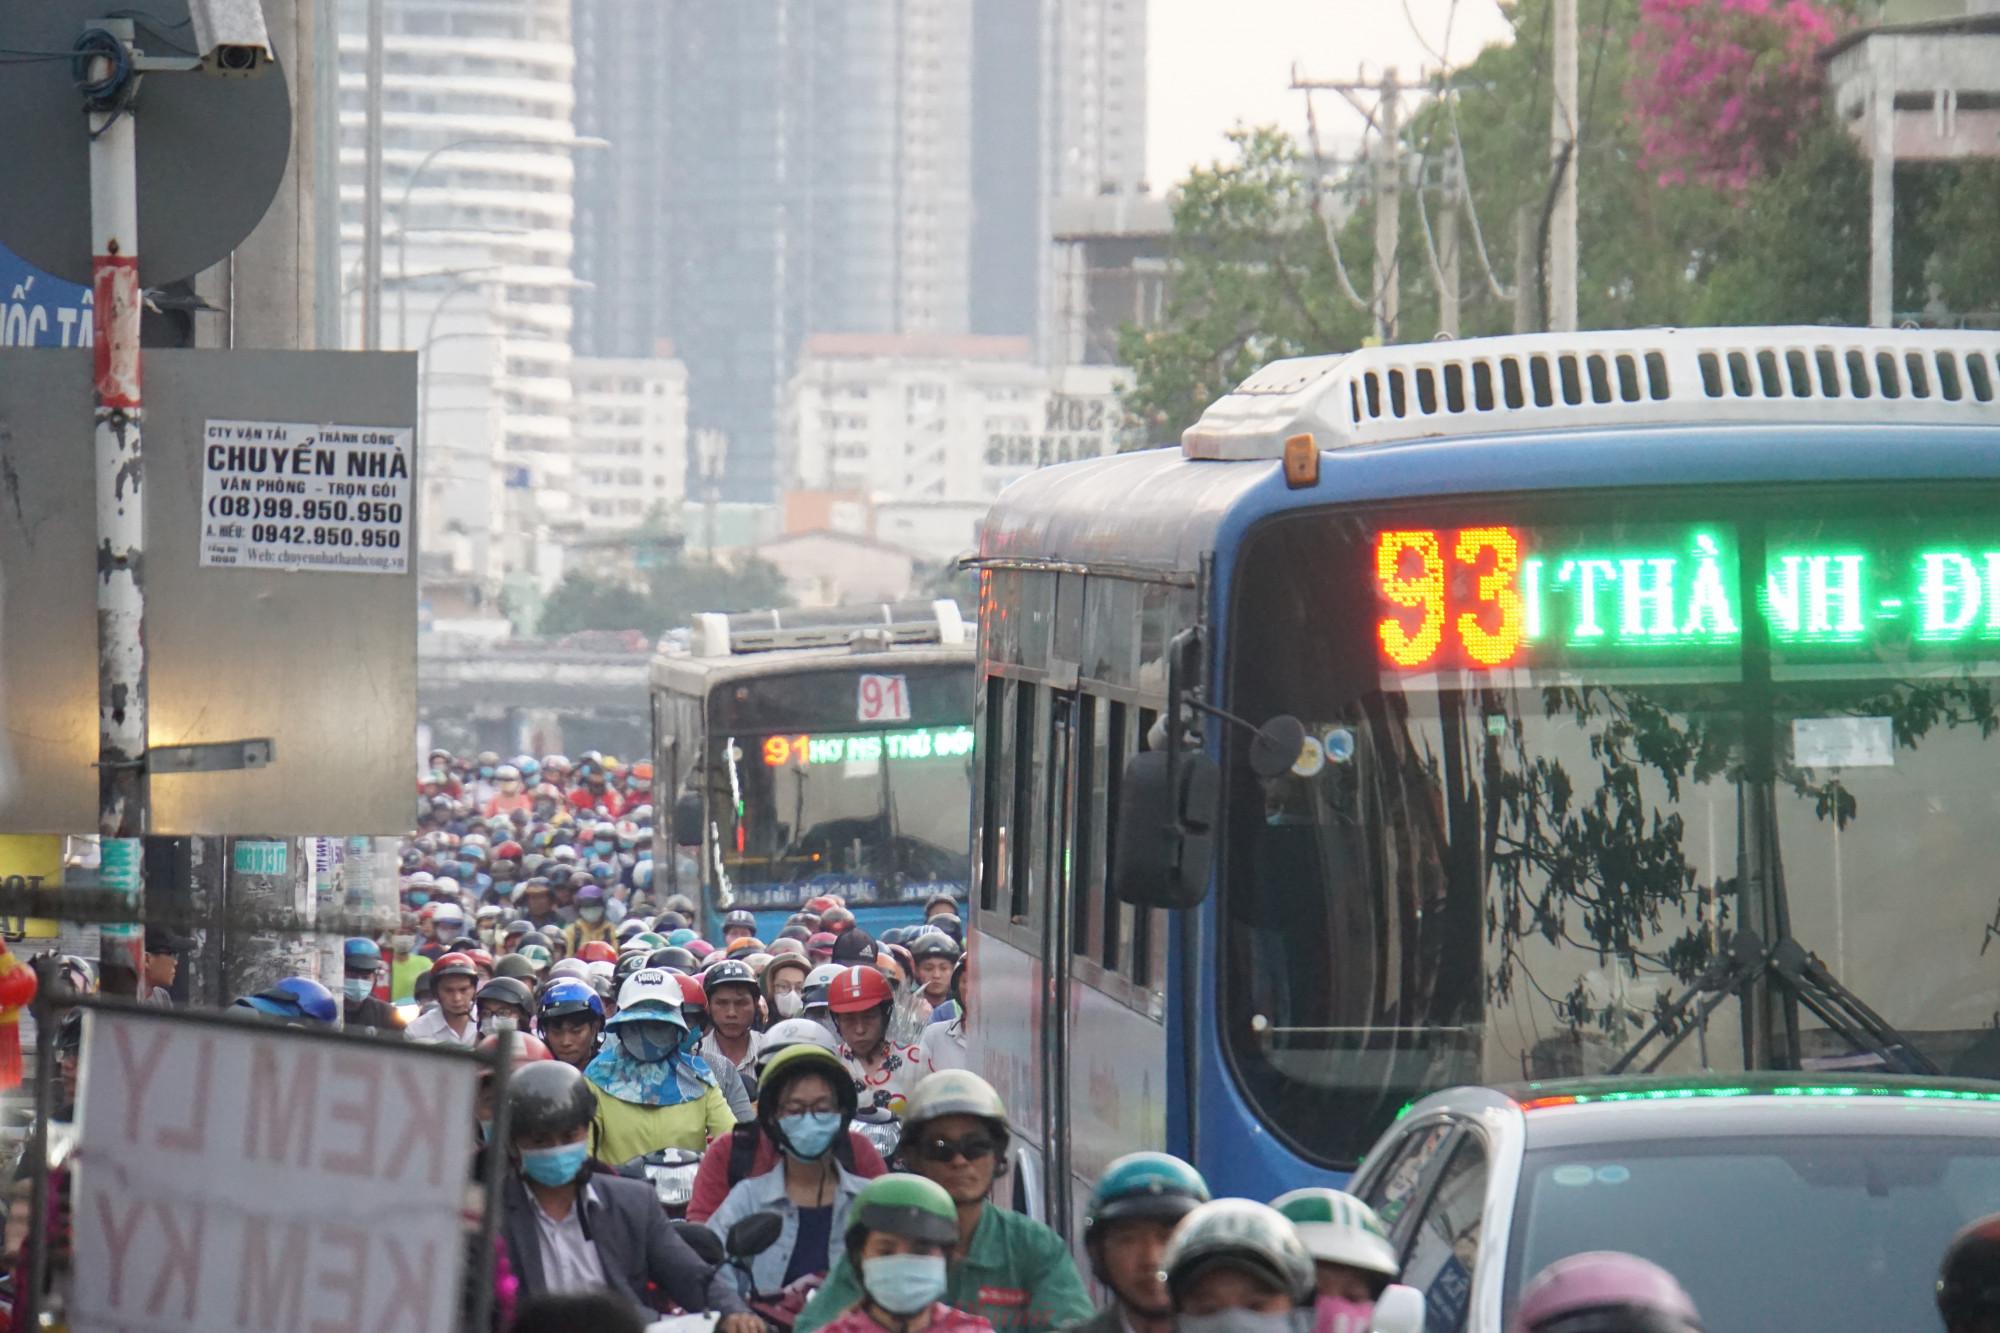 Xe buýt nối dài kẹt trong dòng xe máy đang bao vây